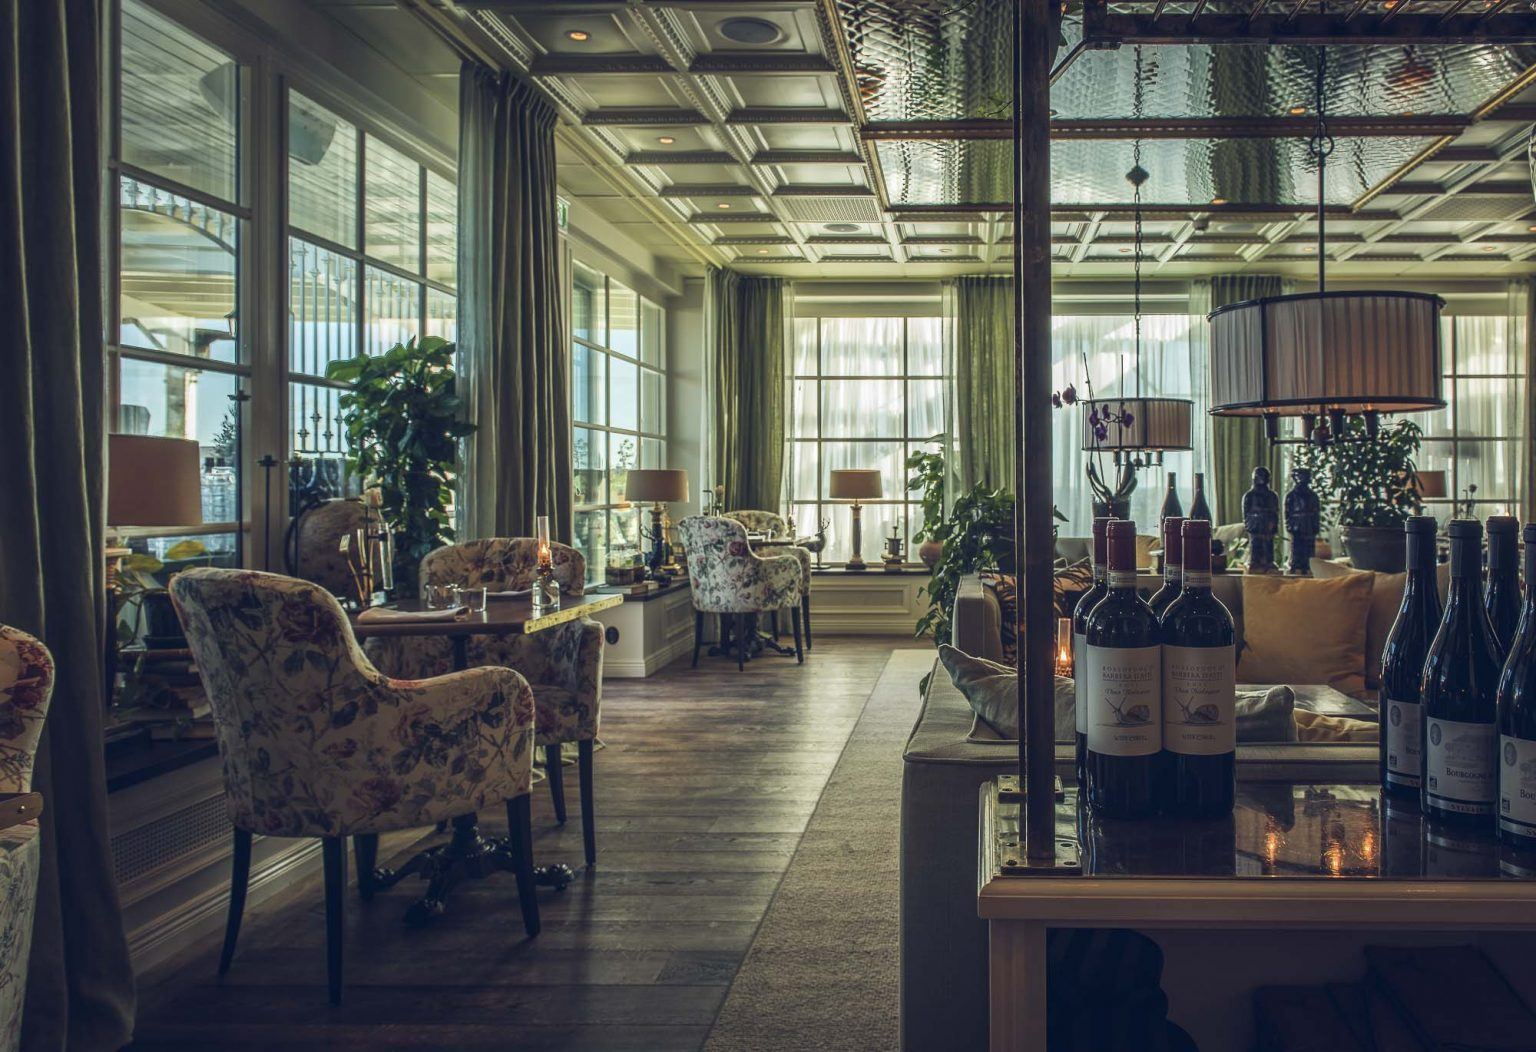 restaurang, hotell, mat, fine dining, foto, video, Med mångårig erfarenhet av foto och video inom Hotell & Restaurang så kan vi stolt säga att vi hjälper er att på allra bästa sätt visa upp er verksamhet.